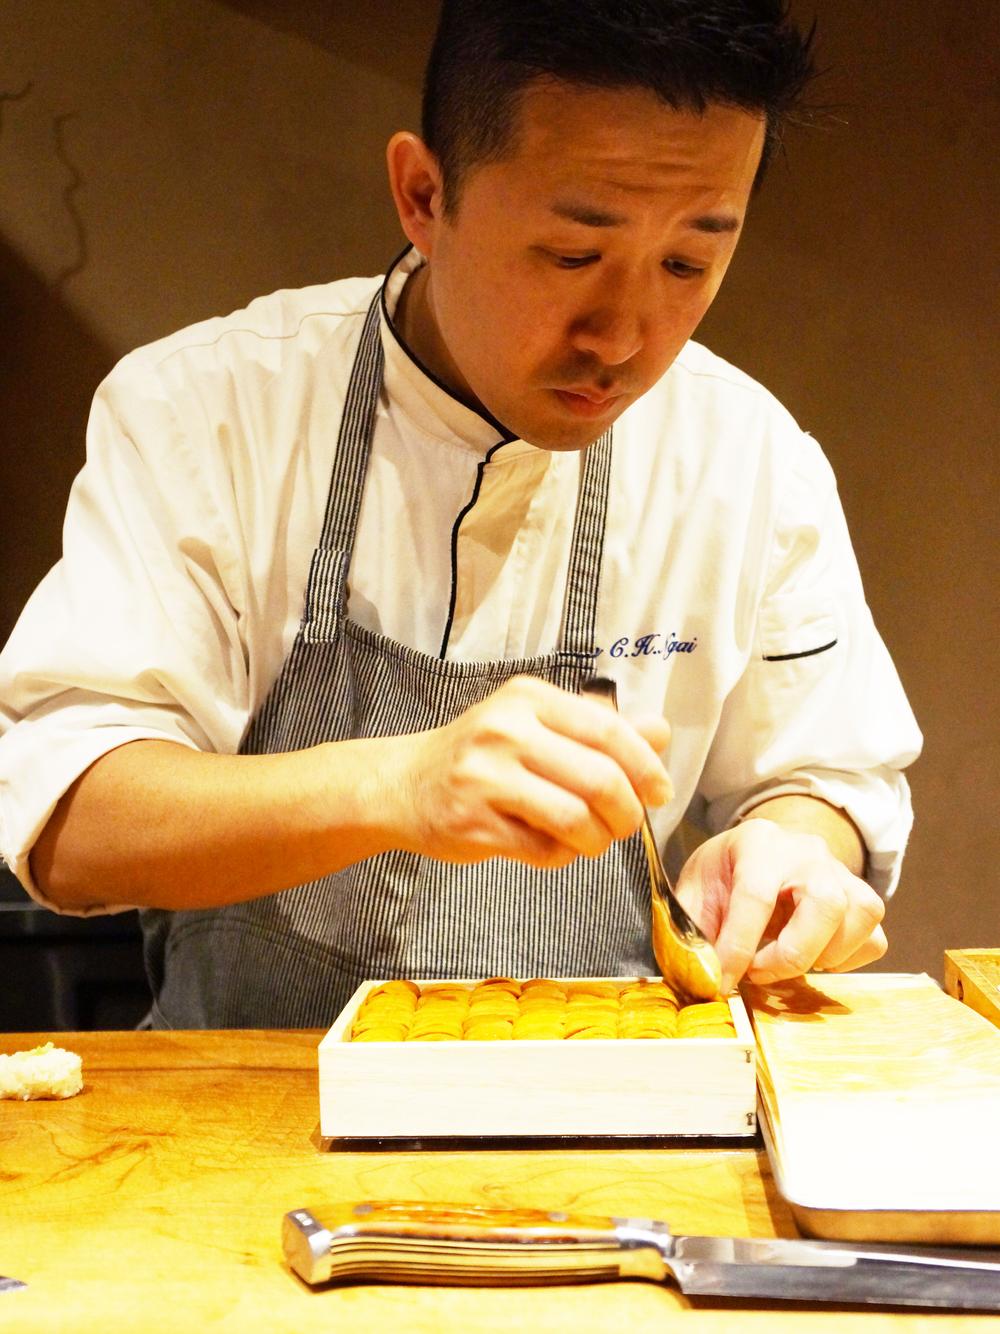 阿Ken。 和主厨一起离开Sushi Ran。说广东话的朋友和他交谈就更会畅快淋漓了。他手上那一盒Mendocino sea urchin简直太诱人了。